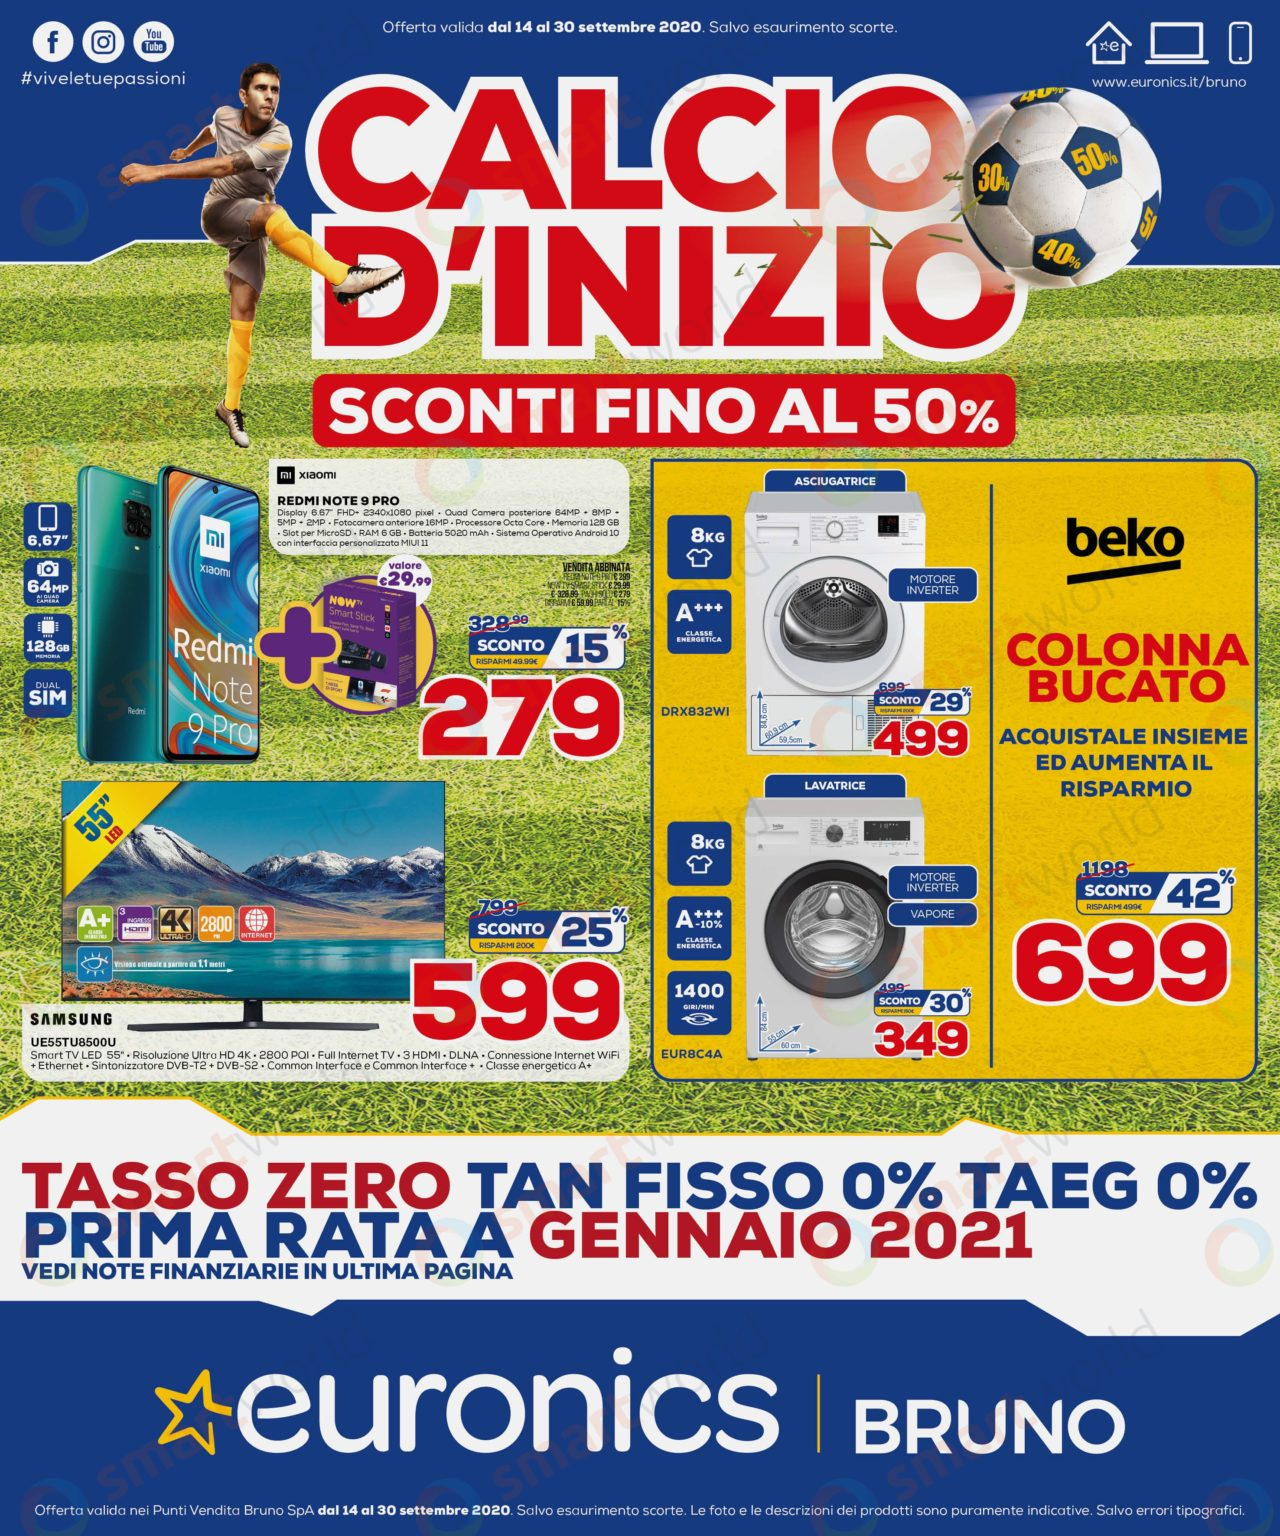 """Volantino Euronics """"Calcio d'inizio"""" 14-30 settembre ..."""